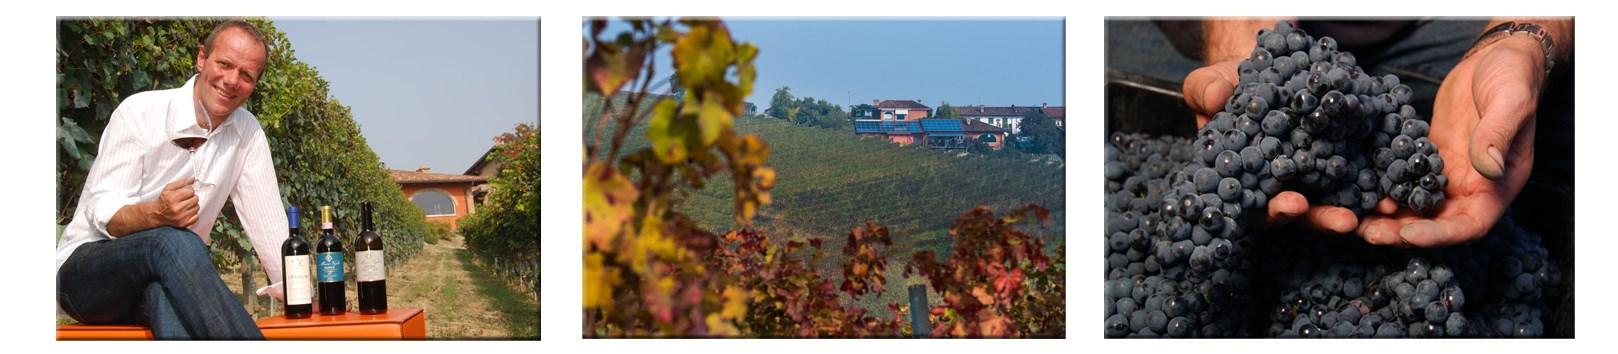 Weinmarkt_Winzer_VeglioMauro-1